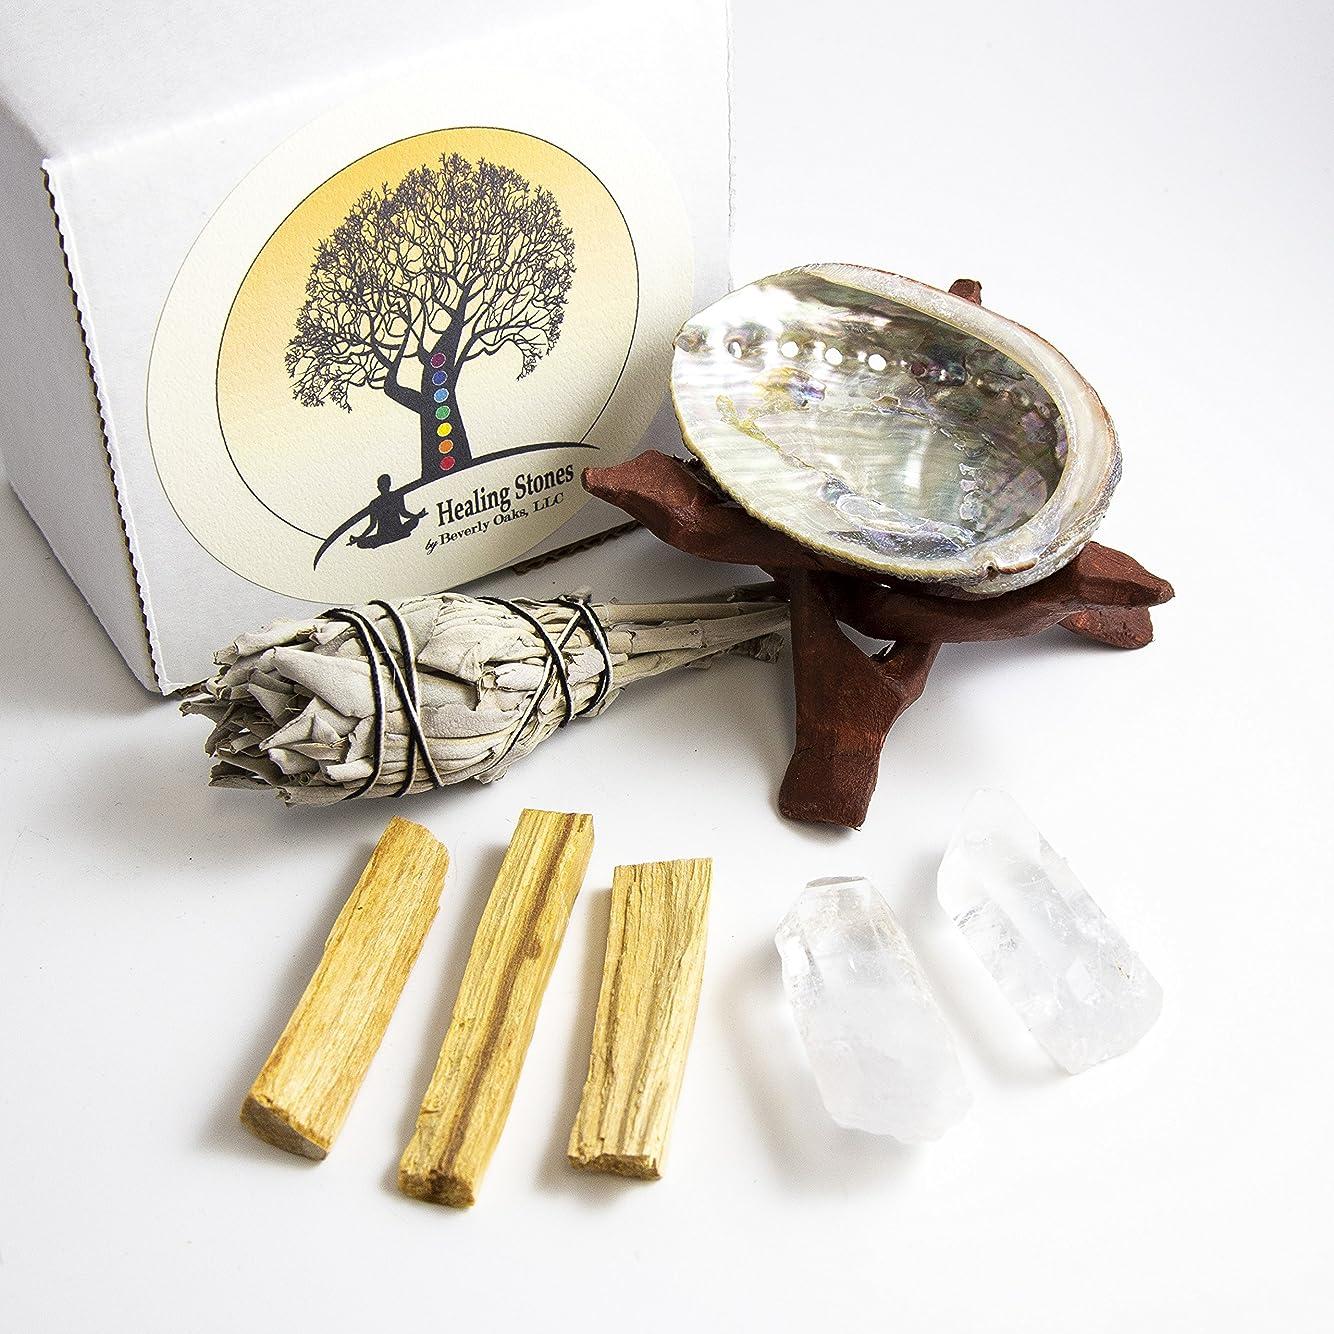 魔術師類人猿鋸歯状Beverly Oaks瞑想Ritualキット?–?2?Clear Quartz Crystals , Palo Santoスティック、カリフォルニアホワイトセージスティック、アワビシェル、コブラスタンド?–?HealingクリスタルをRituals